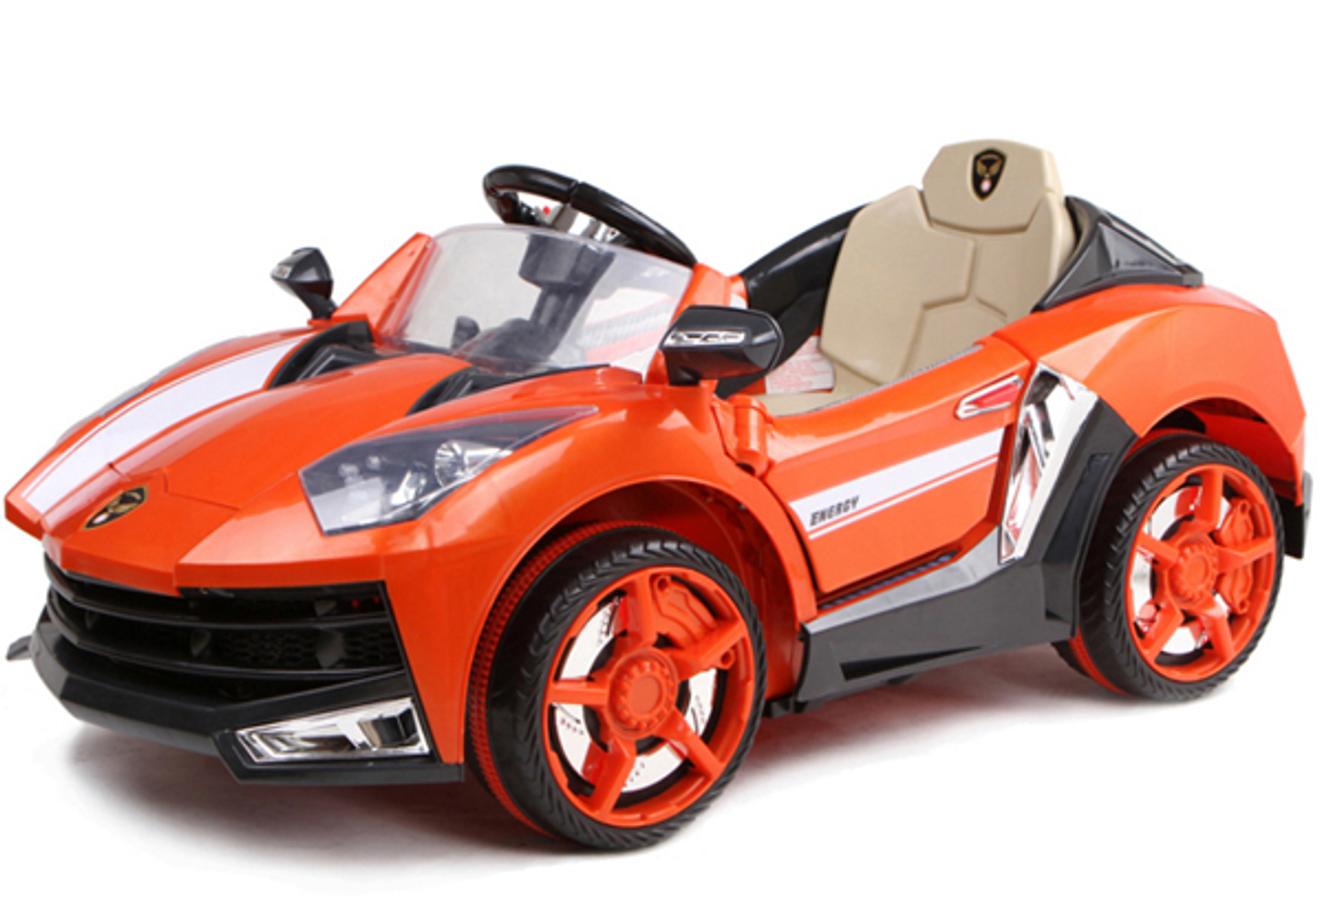 Ô Tô Điện Trẻ Em 1 Chỗ Ngồi Lamborghini 8188BC (2 Động Cơ, Bánh Nhựa)